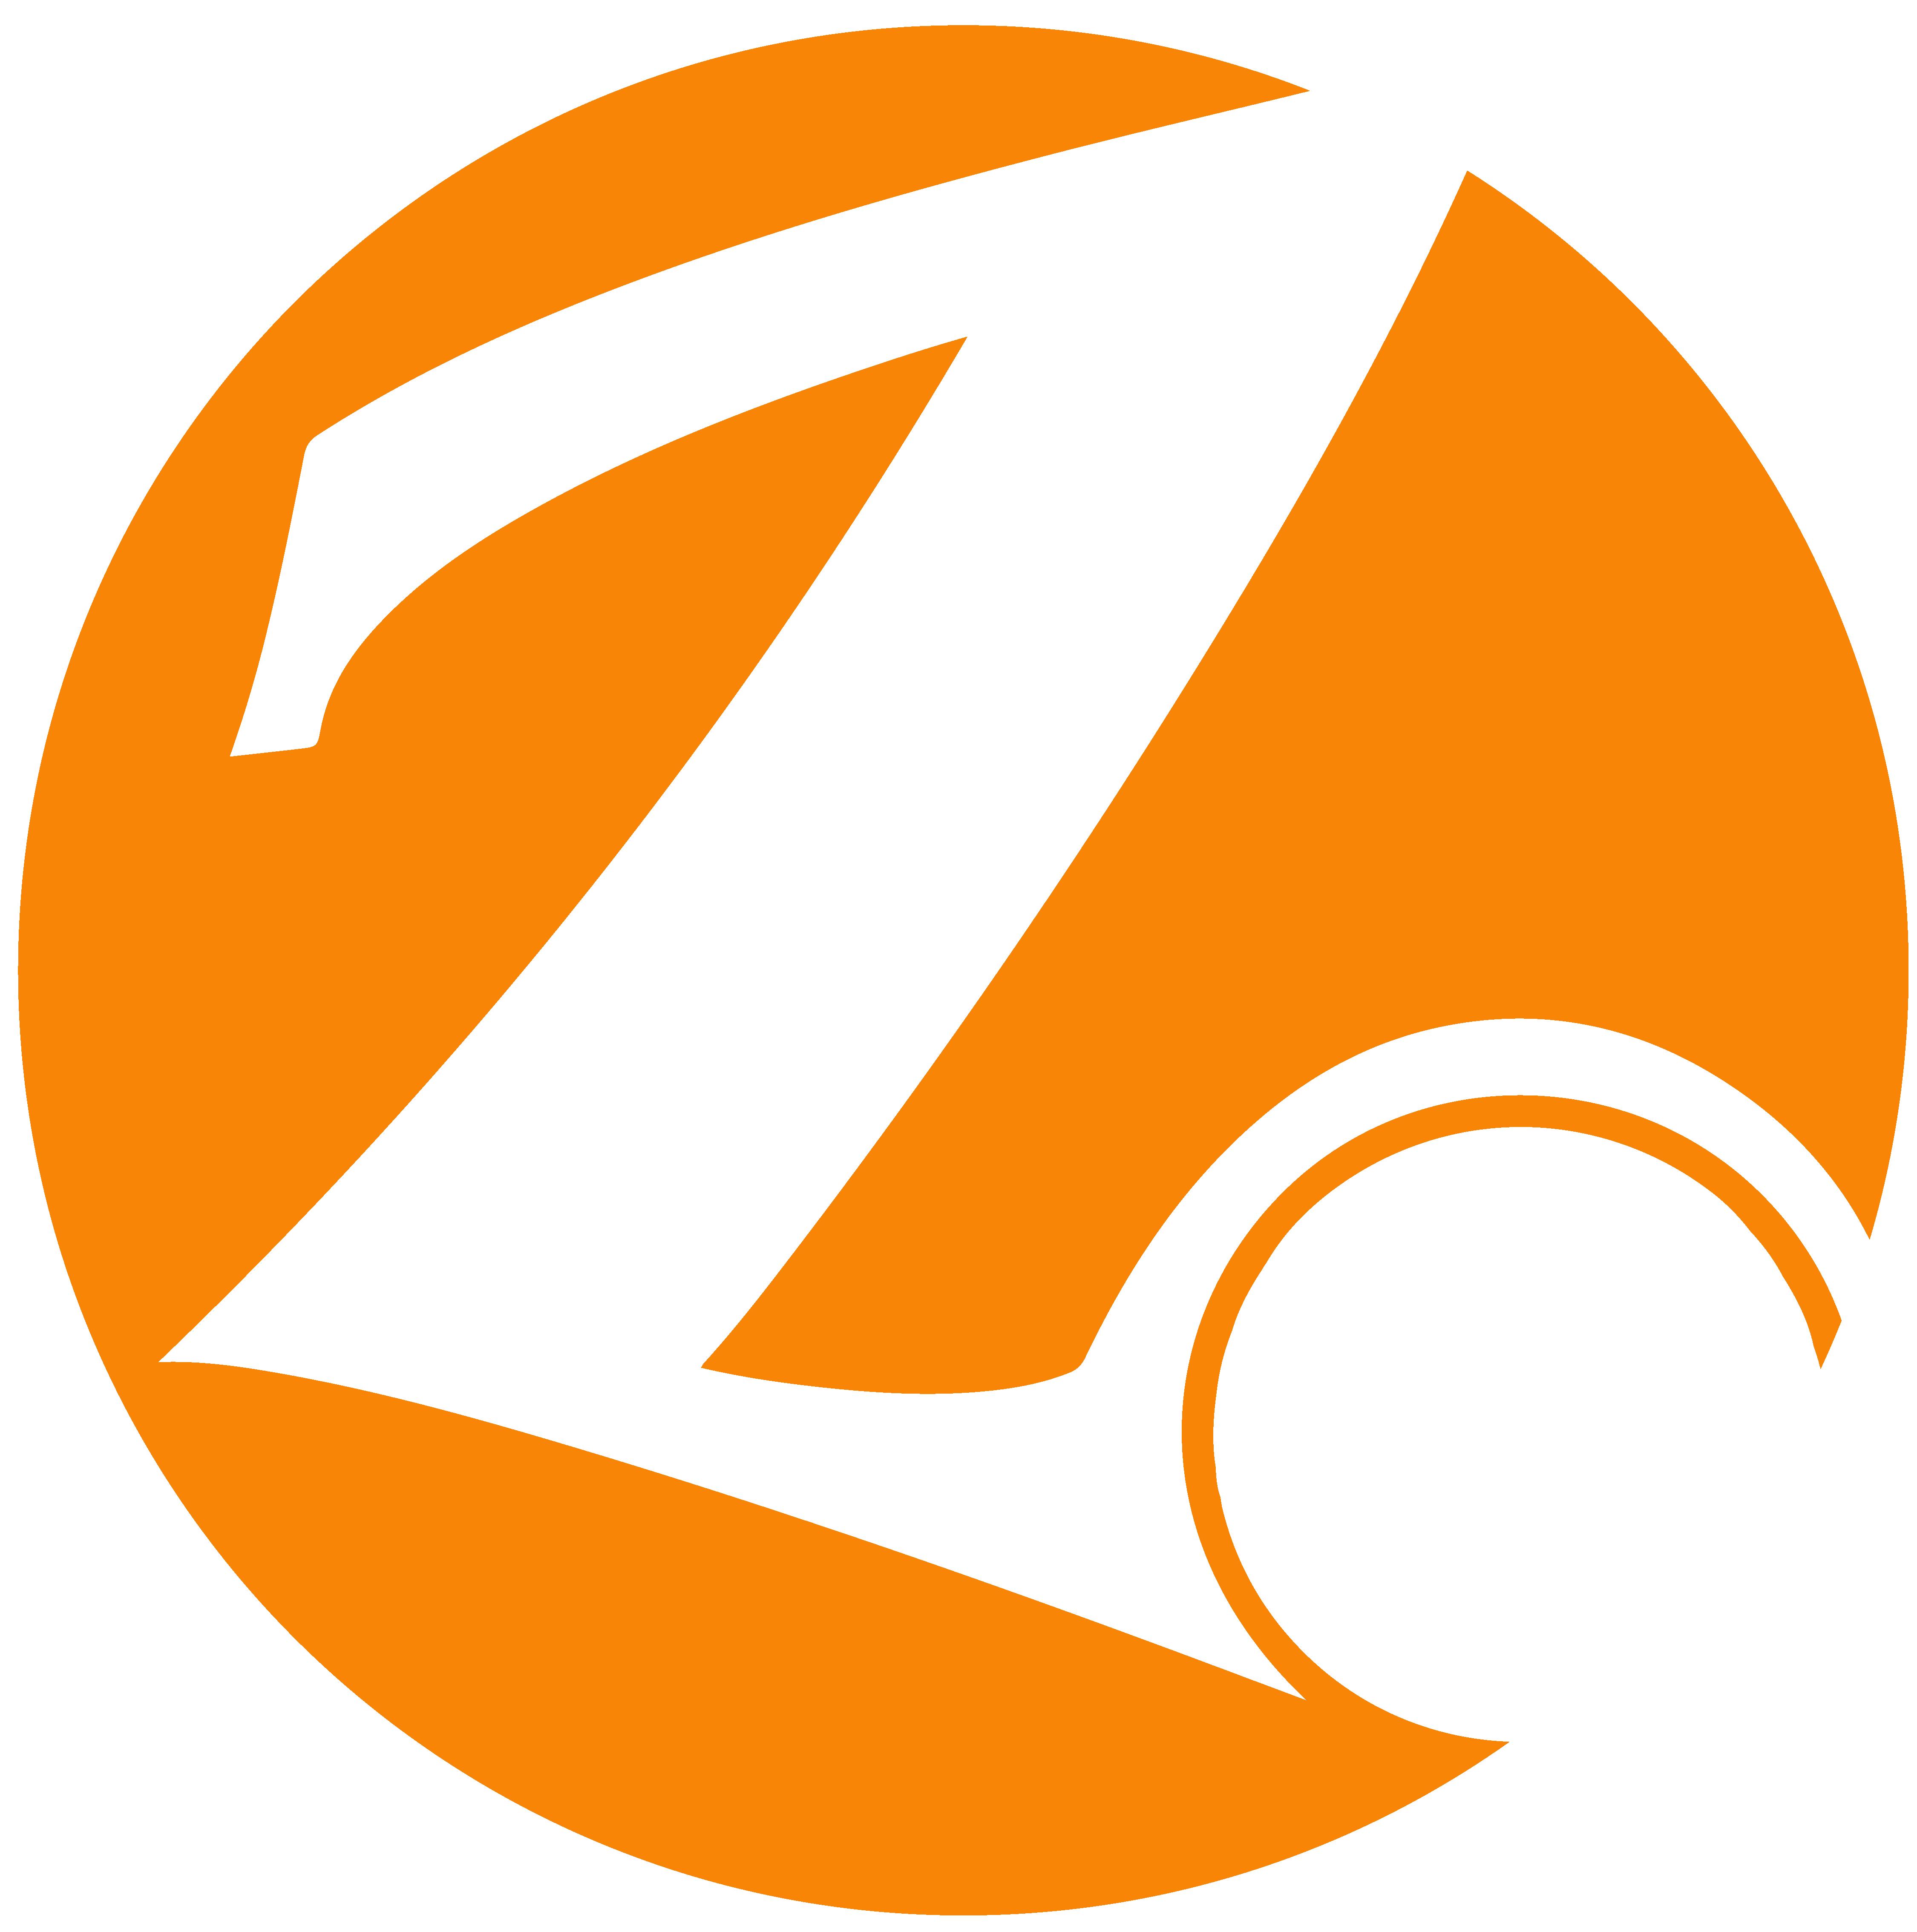 Z Logo Png #25736.